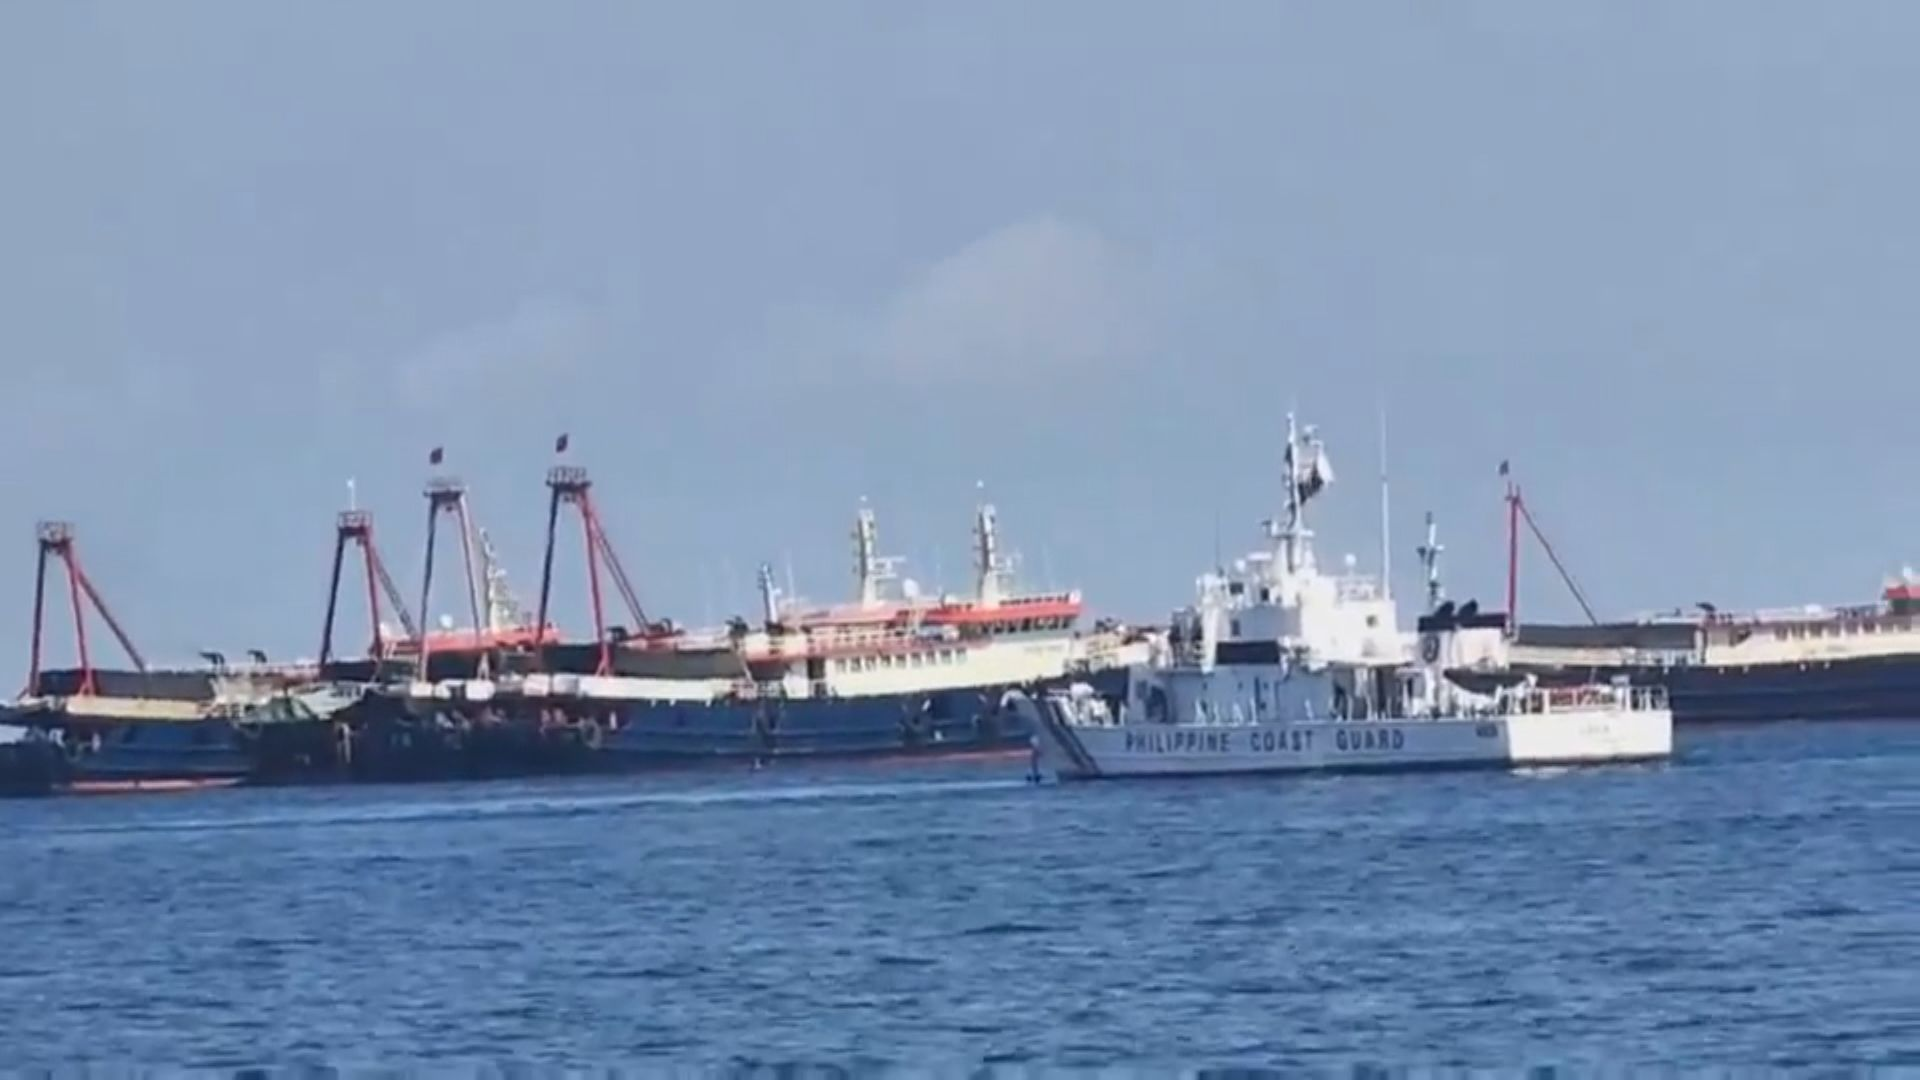 菲律賓軍方在仙賓礁發現七艘中國船隻